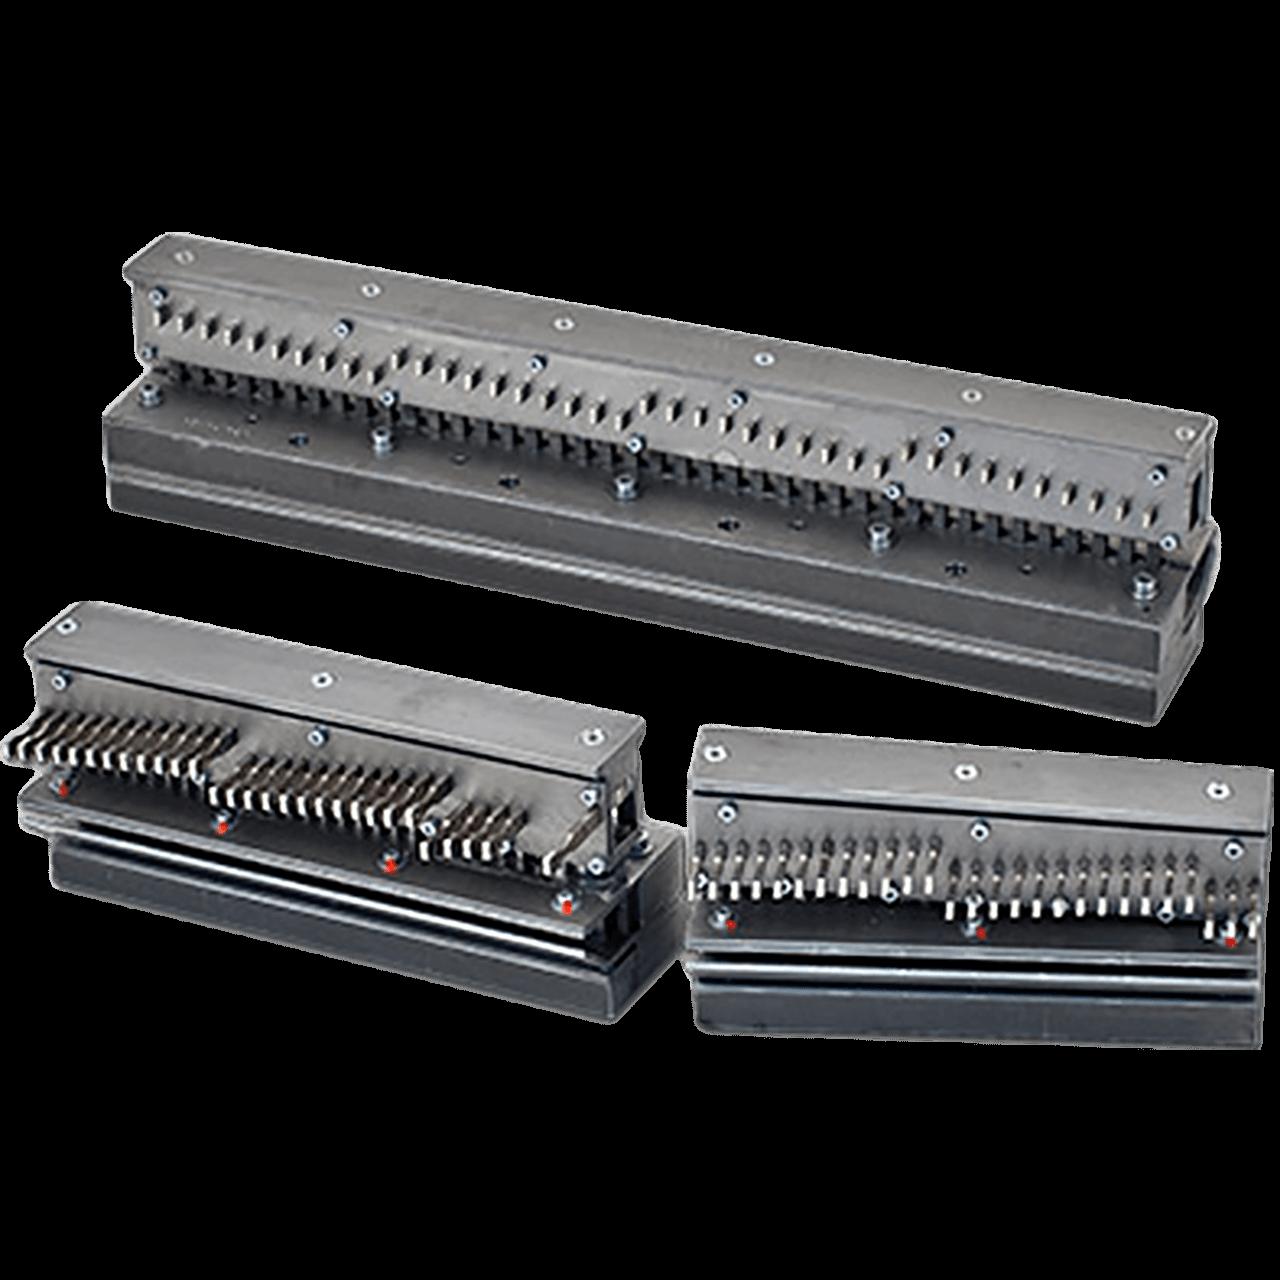 Standardwerkzeuge für Renz Punch 500